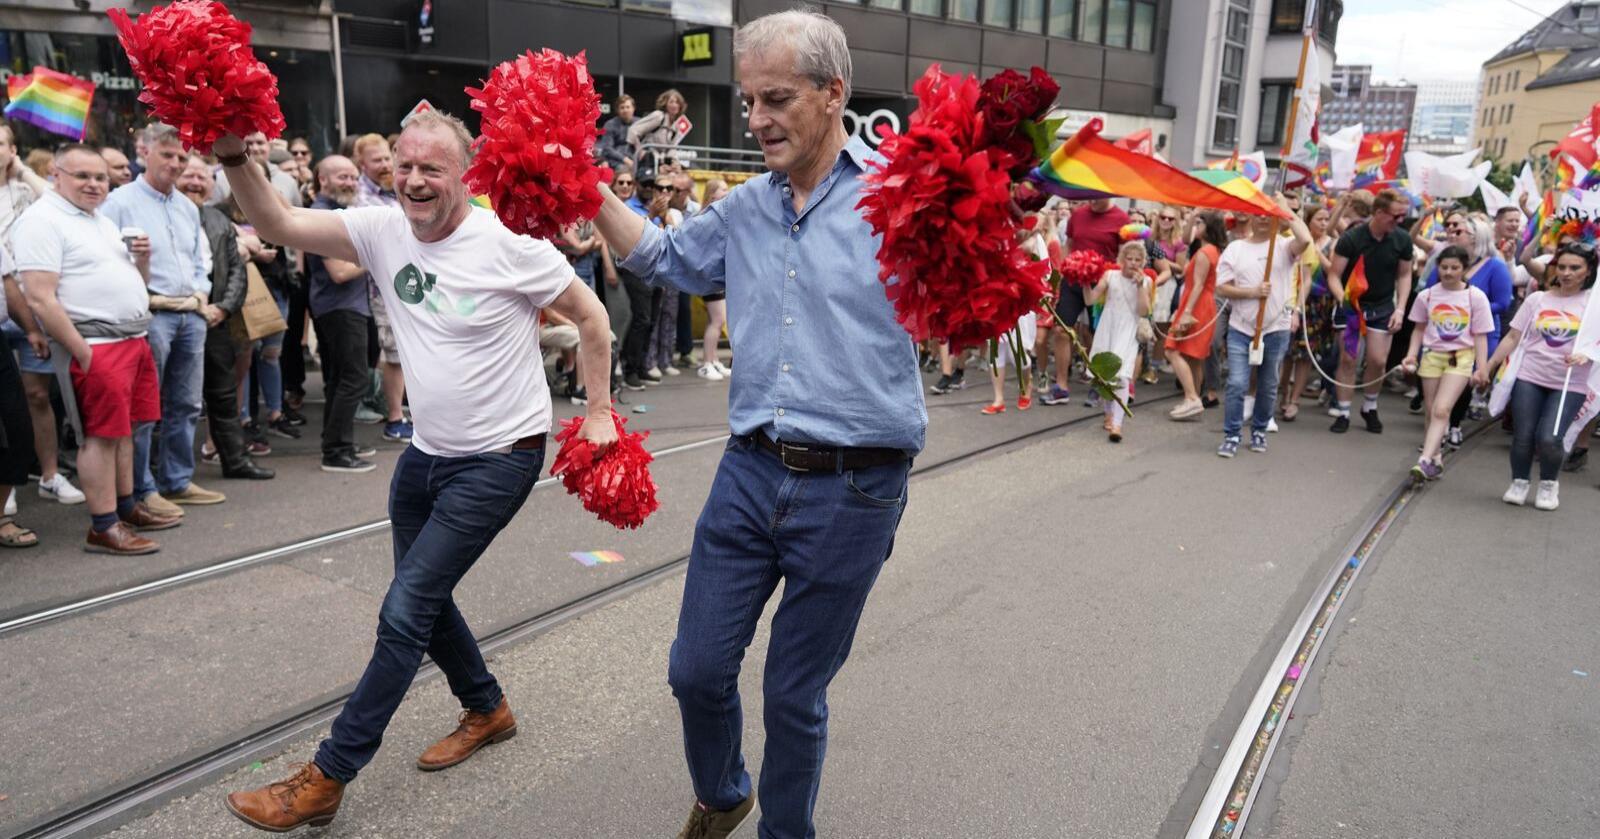 Jonas Gahr Støre (t.h.) har Raymond Johansen som viktig stemmesanker - den for tida tydeligste Ap-politikeren. Her er de sammen under Oslo Pride Parade i 2019. Foto: Fredrik Hagen / NTB